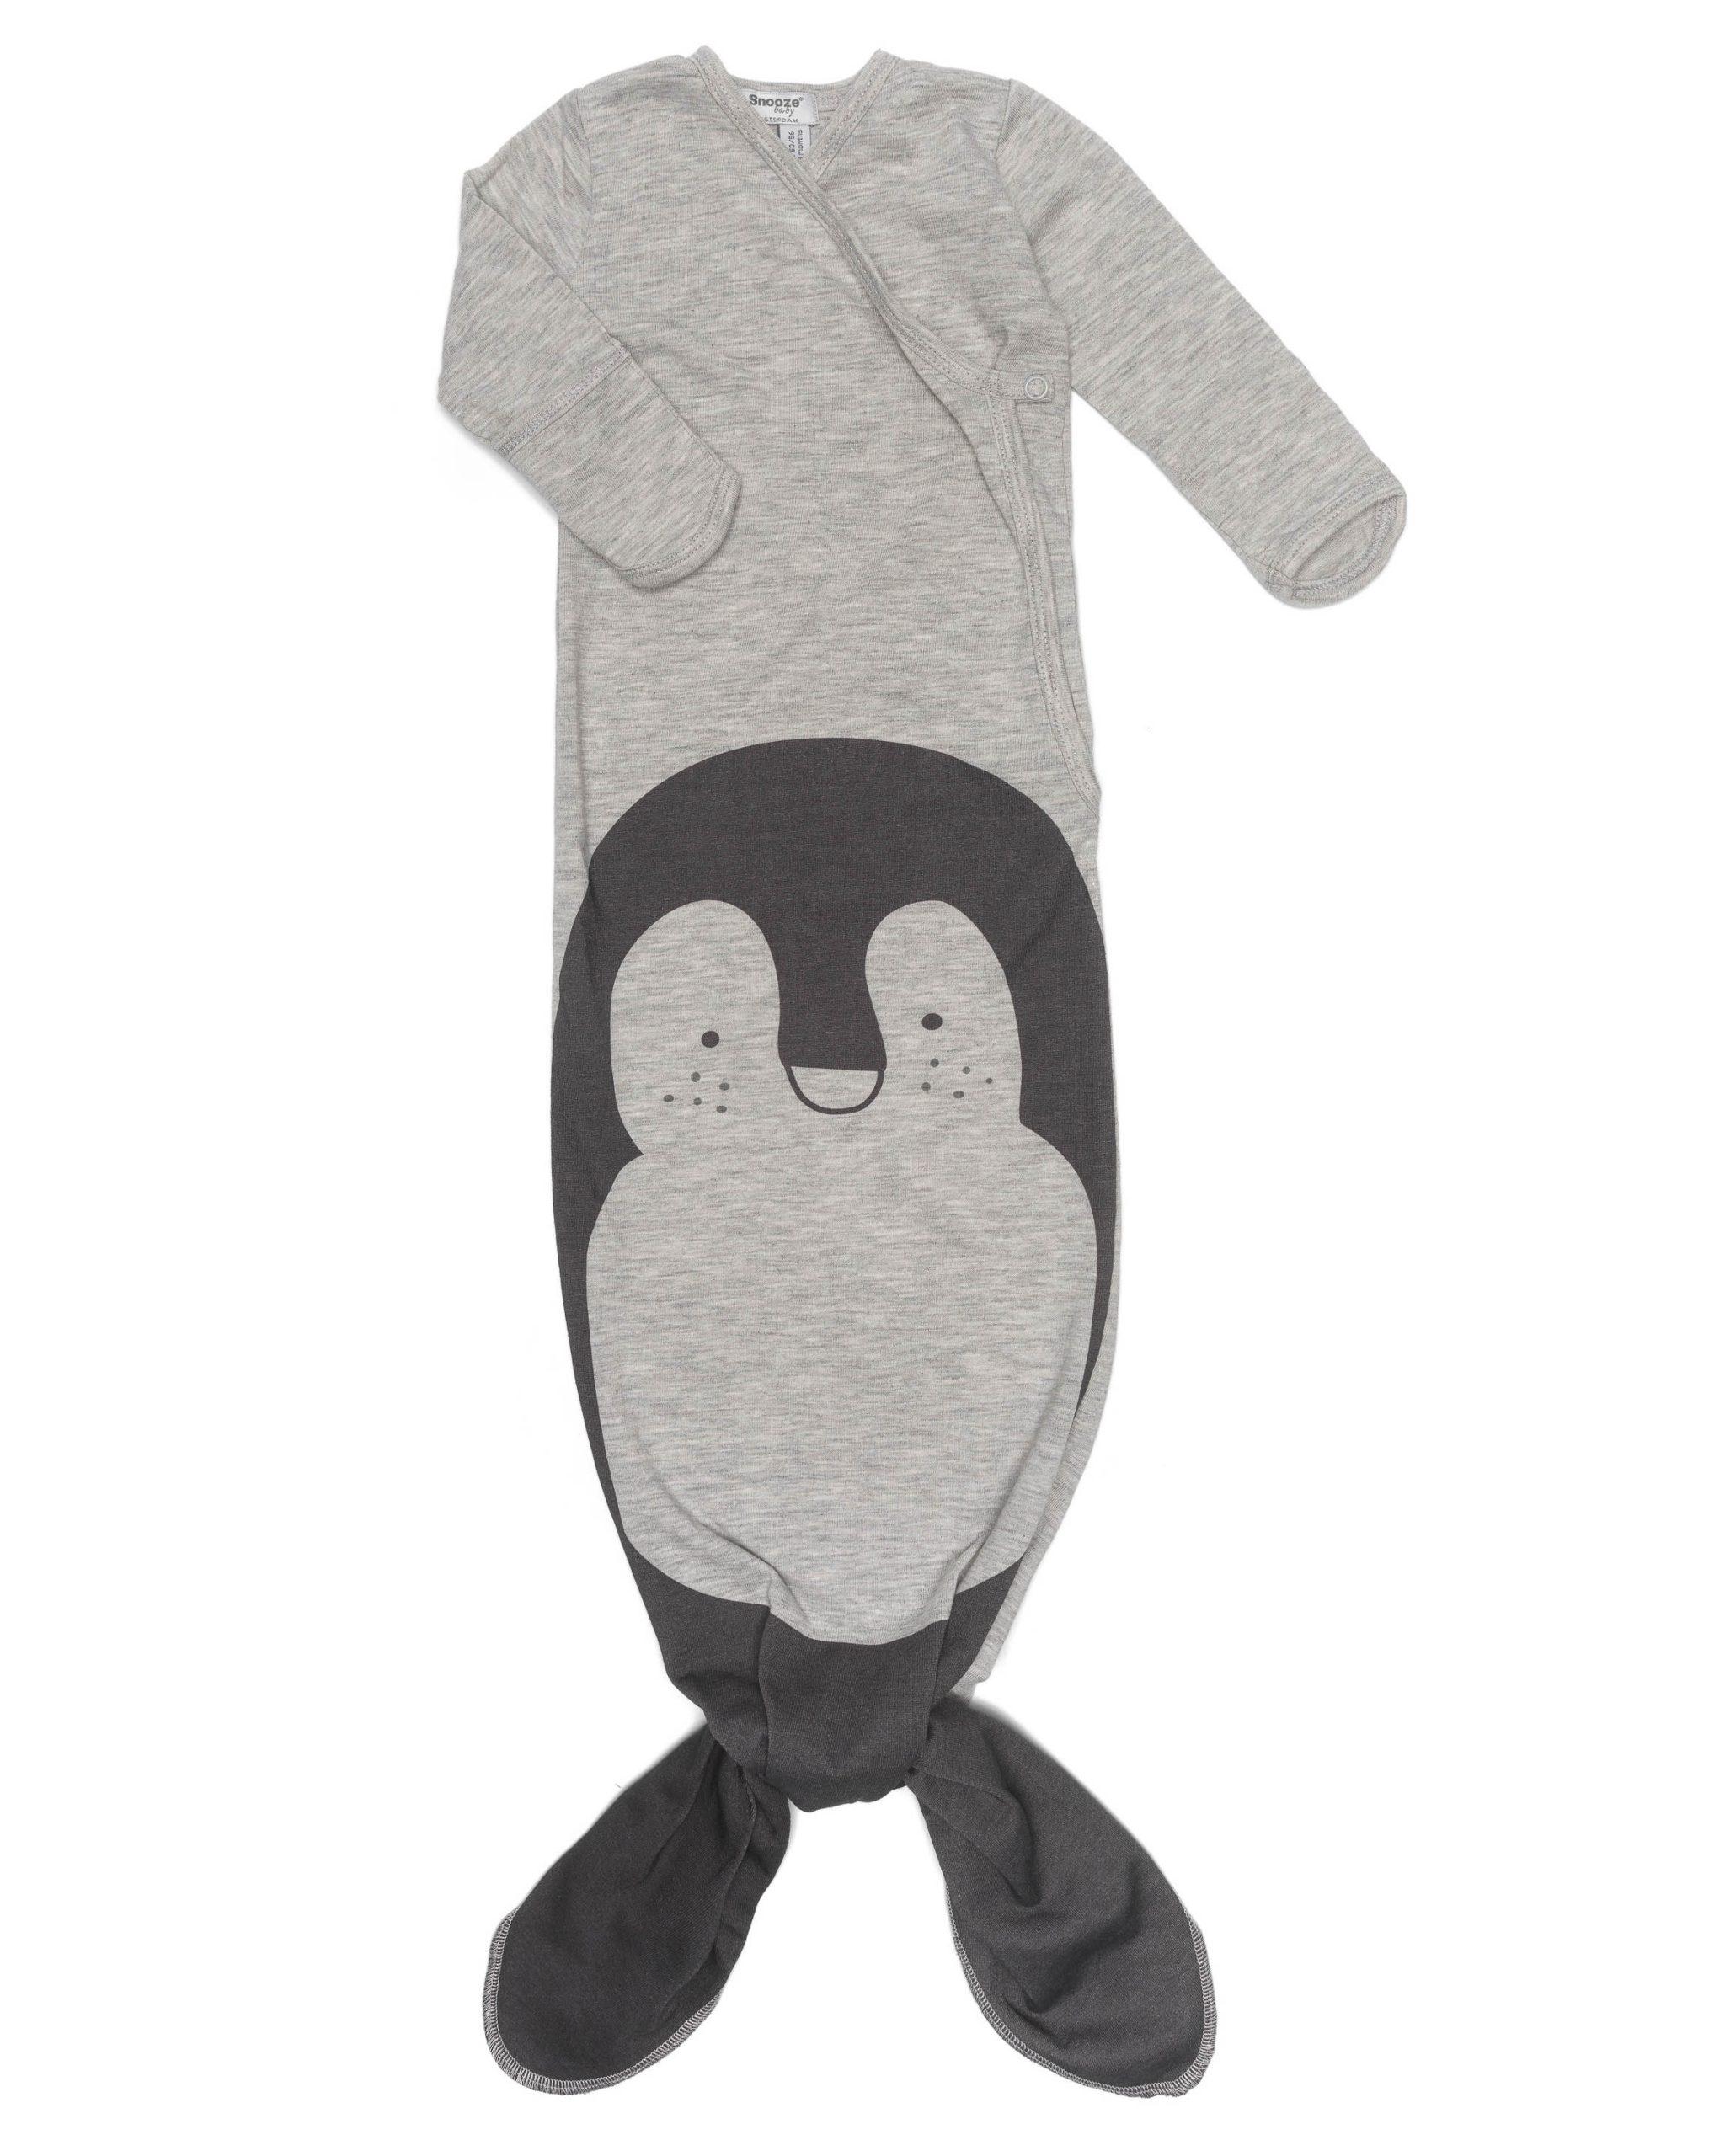 SnoozeBaby Body d'emmaillotage et bonnet Stone Beige PingouinSnoozeBaby Body d'emmaillotage et bonnet Stone Beige Pingouin